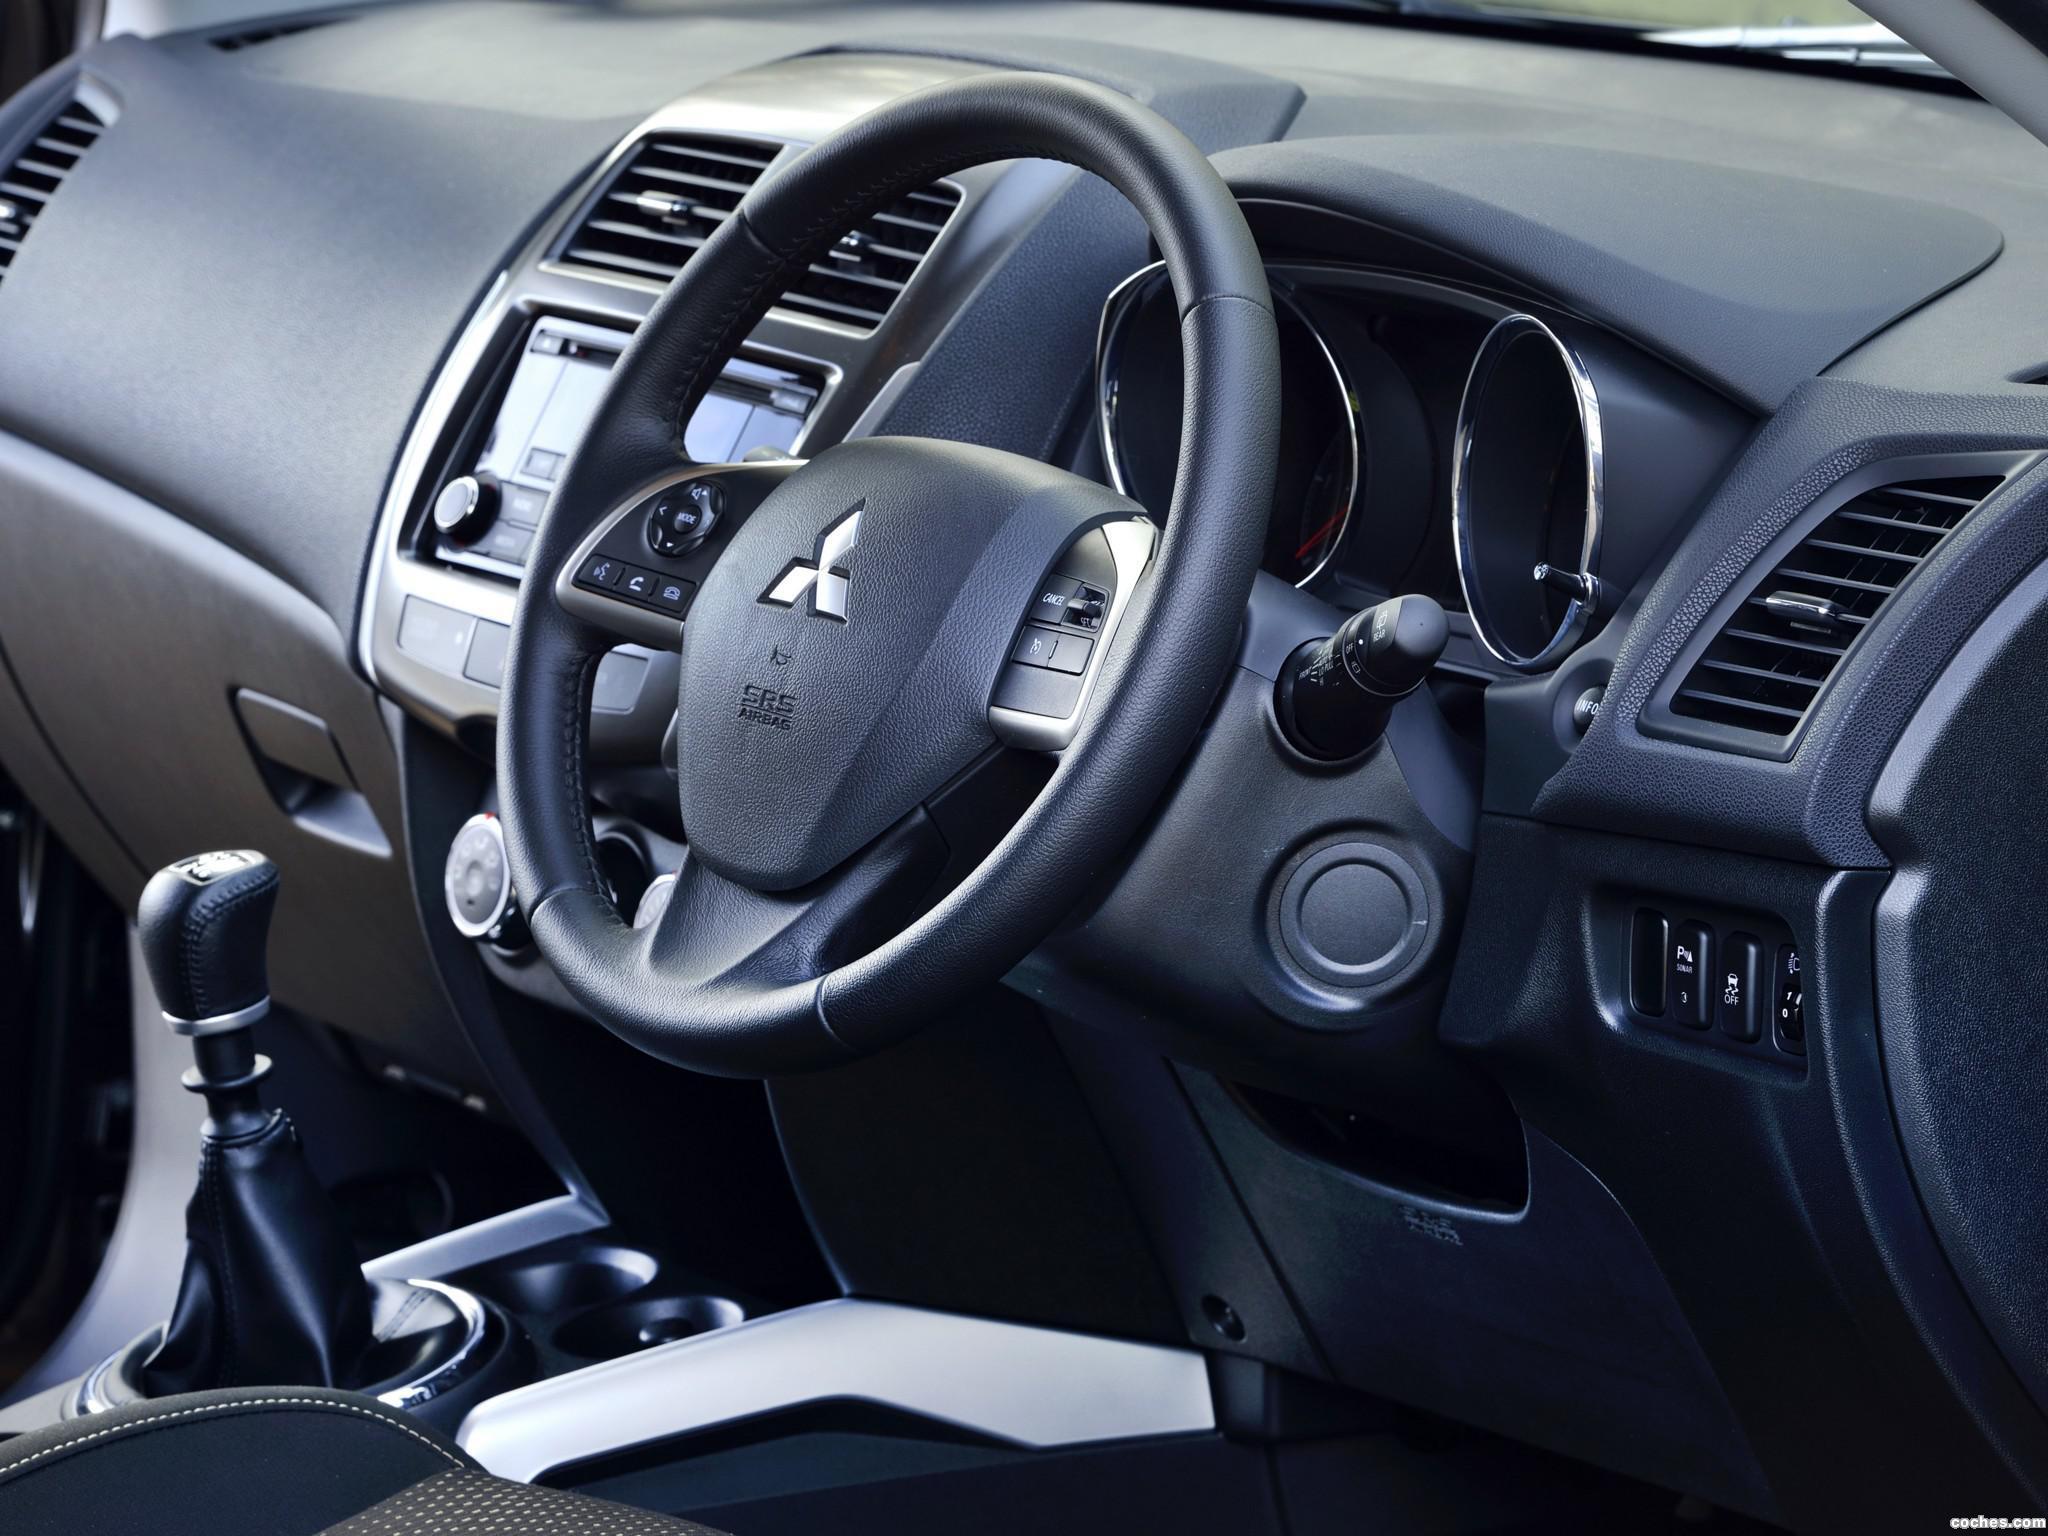 Установка кнопок управления аудиосистемой и круиз-контролем на руль Mitsubishi ASX